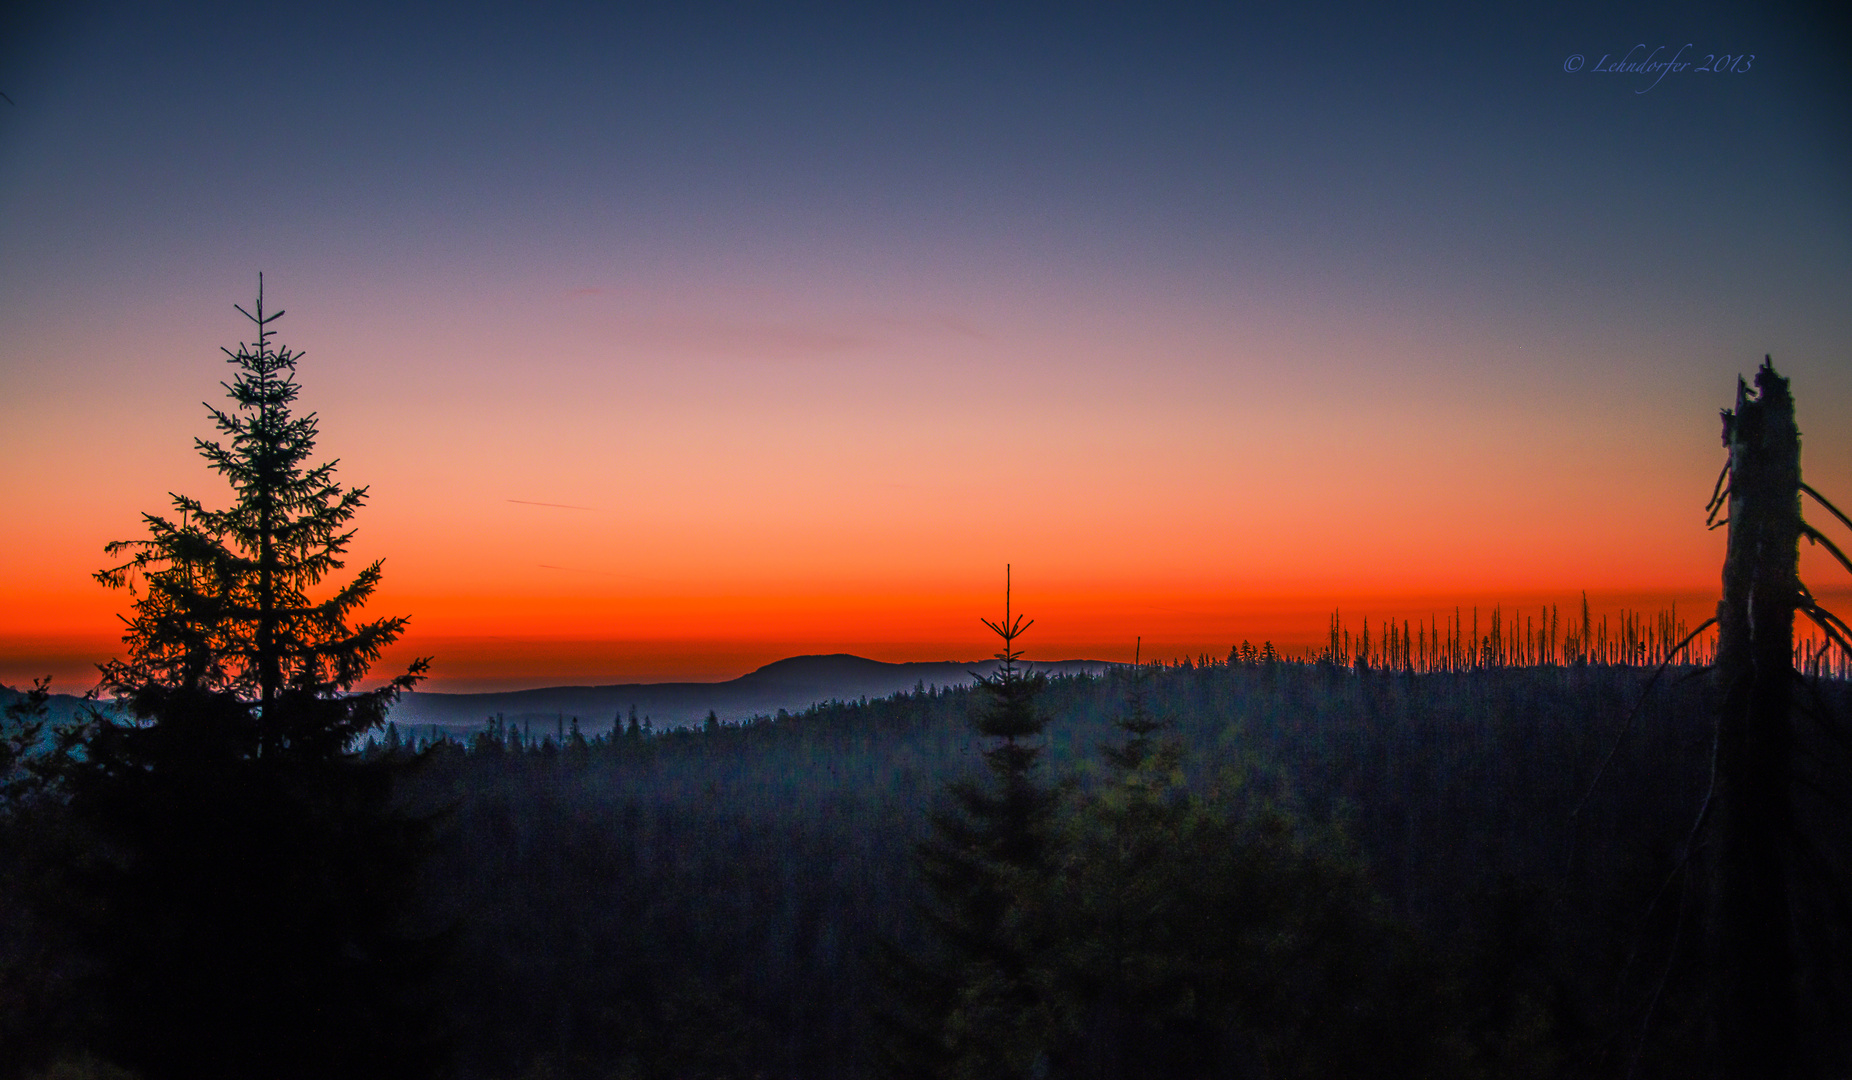 auf dem Weg zum Sonnenaufgang...